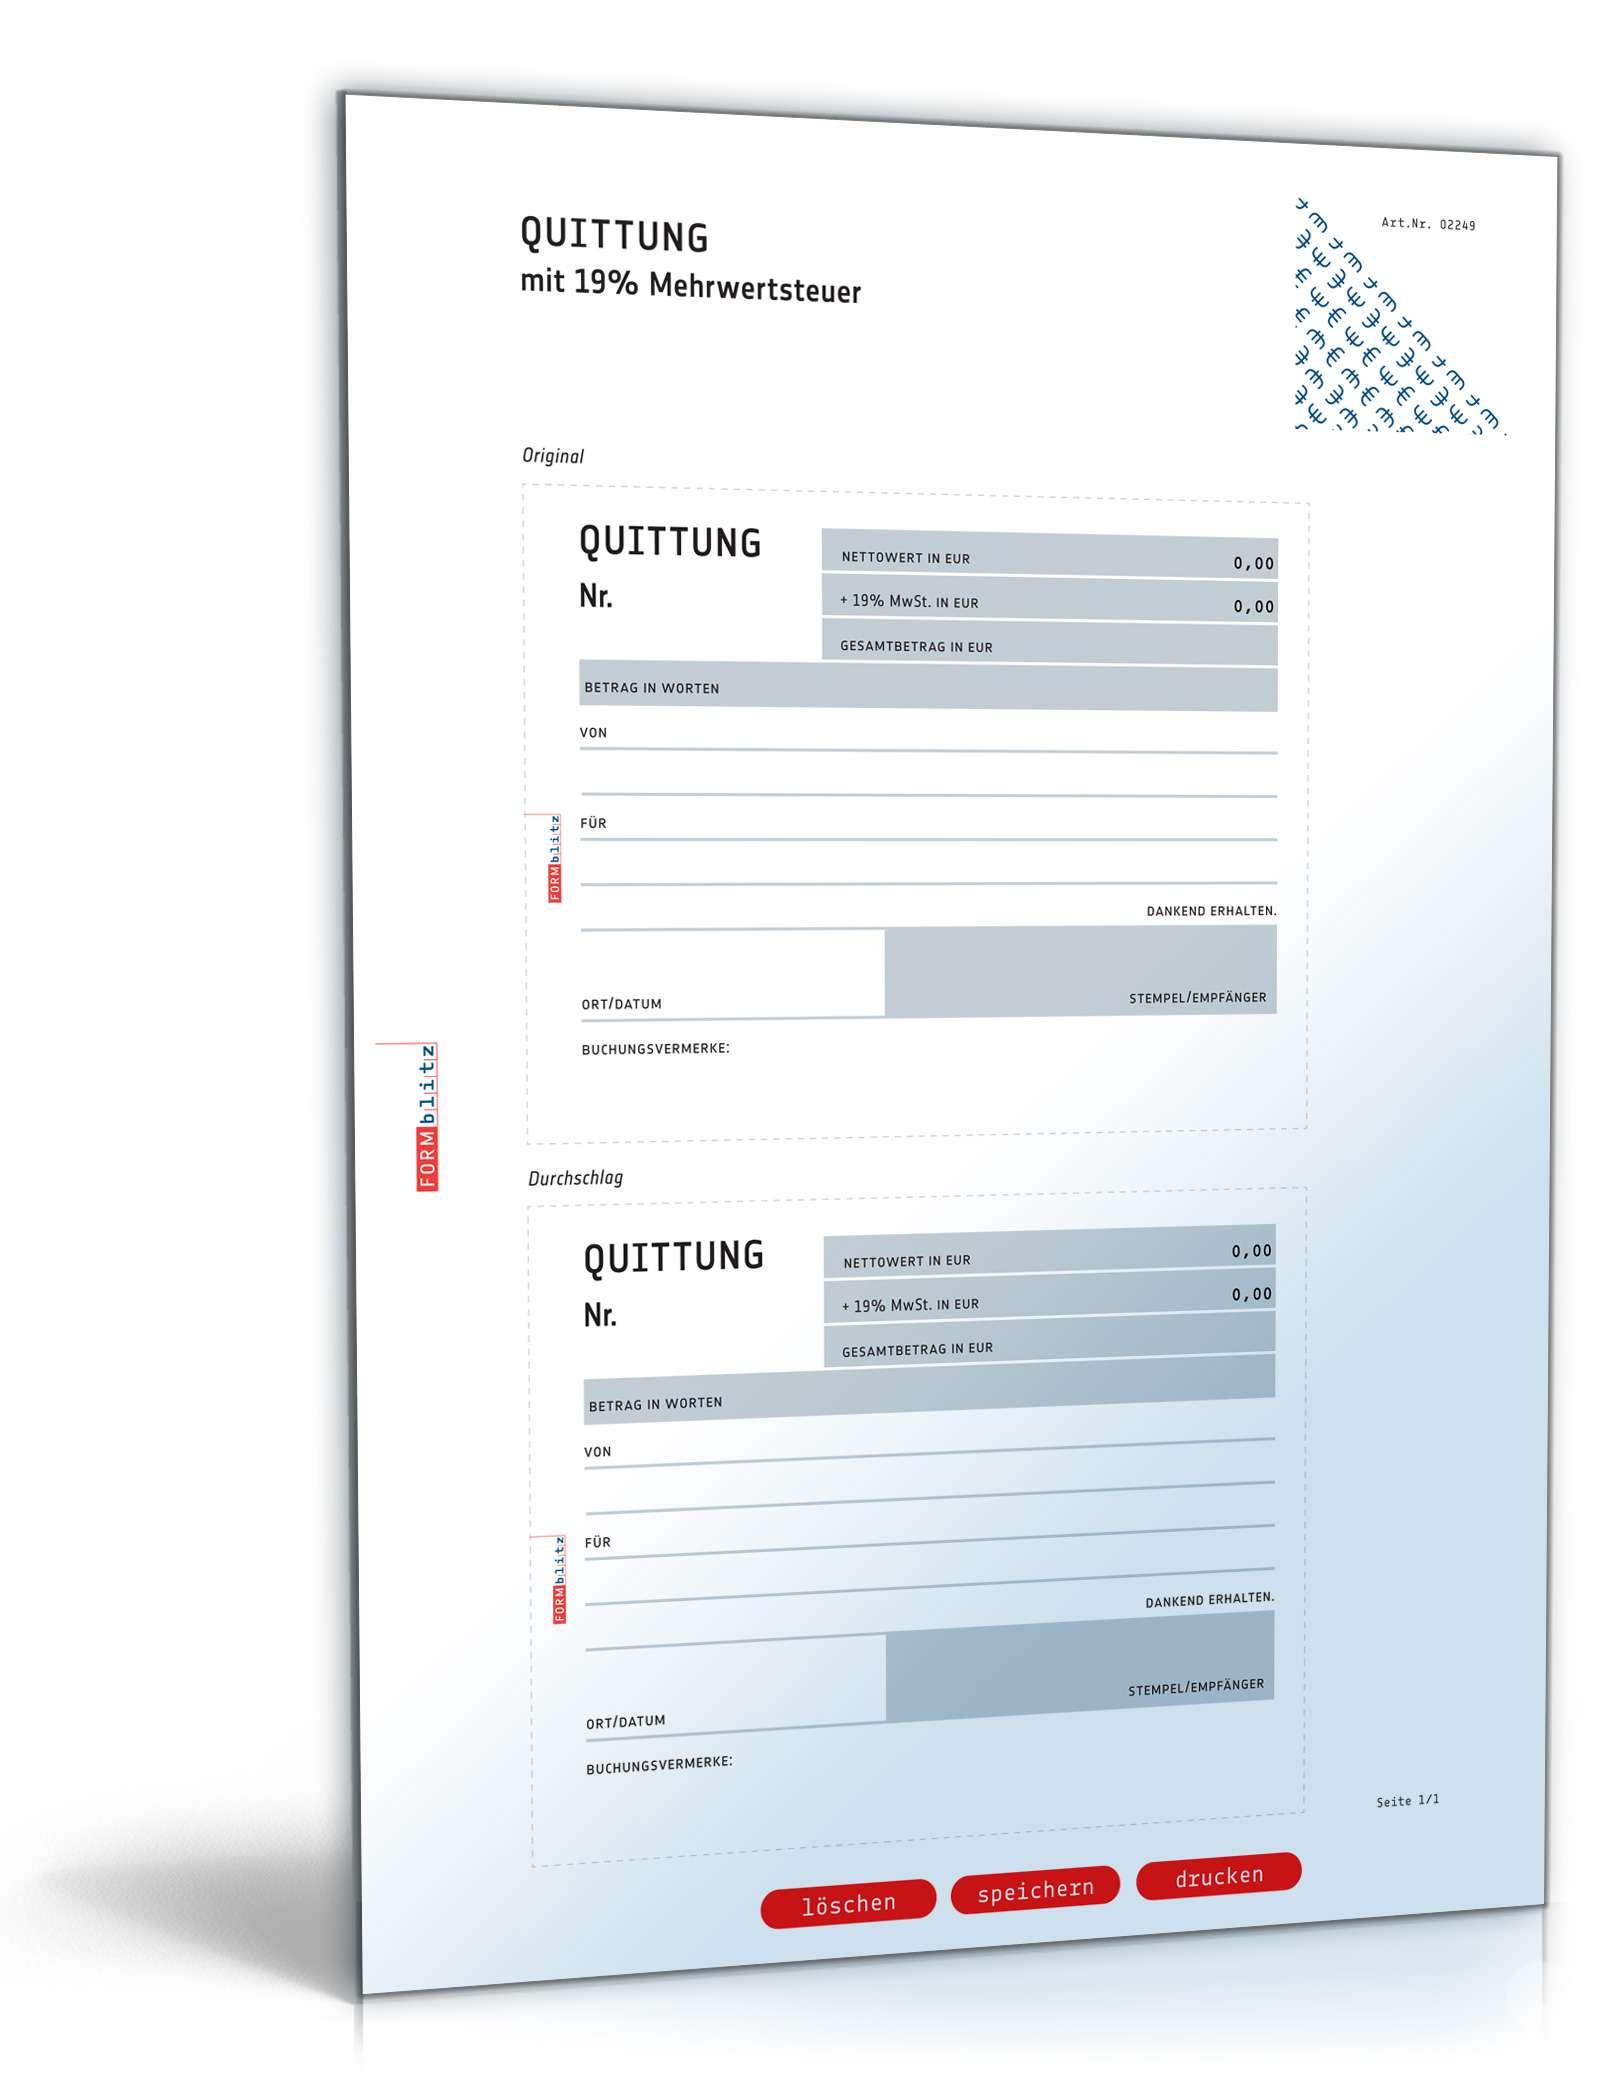 Niedlich Vorlage Quittungen Bilder - Entry Level Resume Vorlagen ...